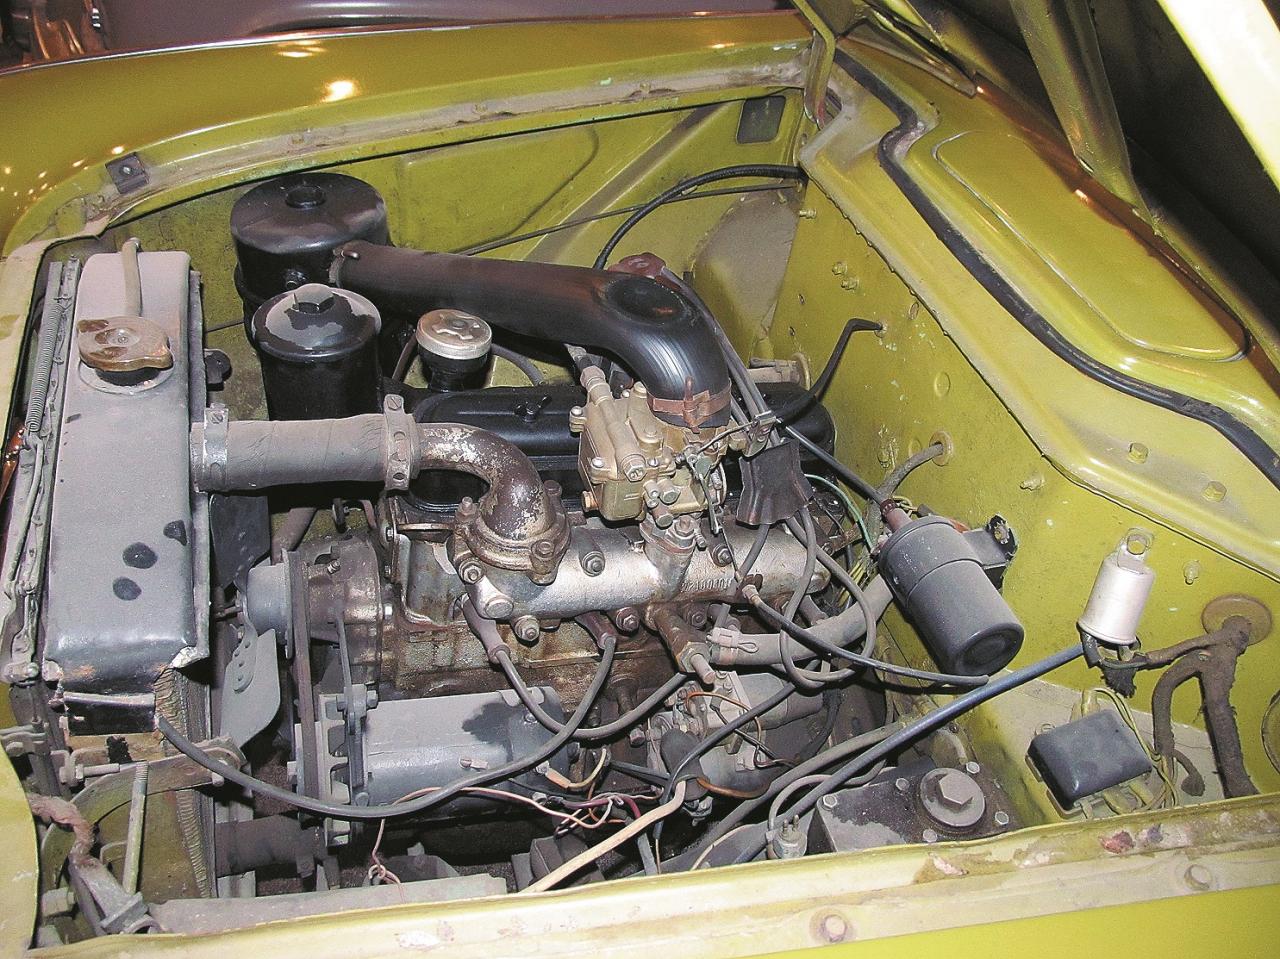 Vienkāršs rindas četrcilindru dzinējs ar augšējiem vārstiem, diezgan progresīvs tā laika padomju autobūvei.